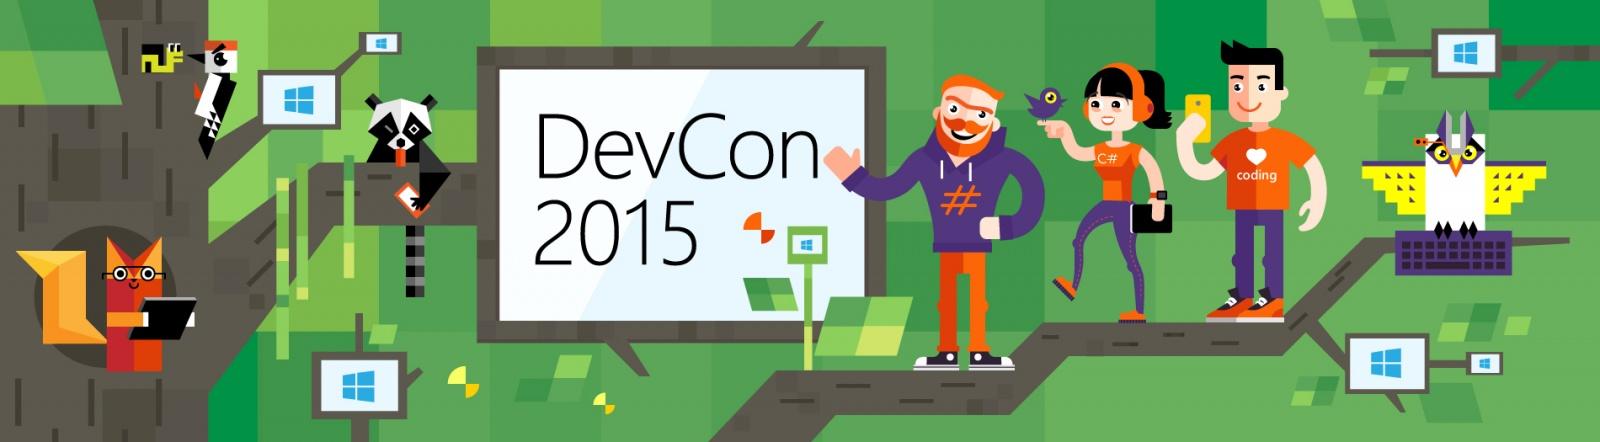 DevCon 2015: анонс второй волны спикеров и докладов конференции - 1